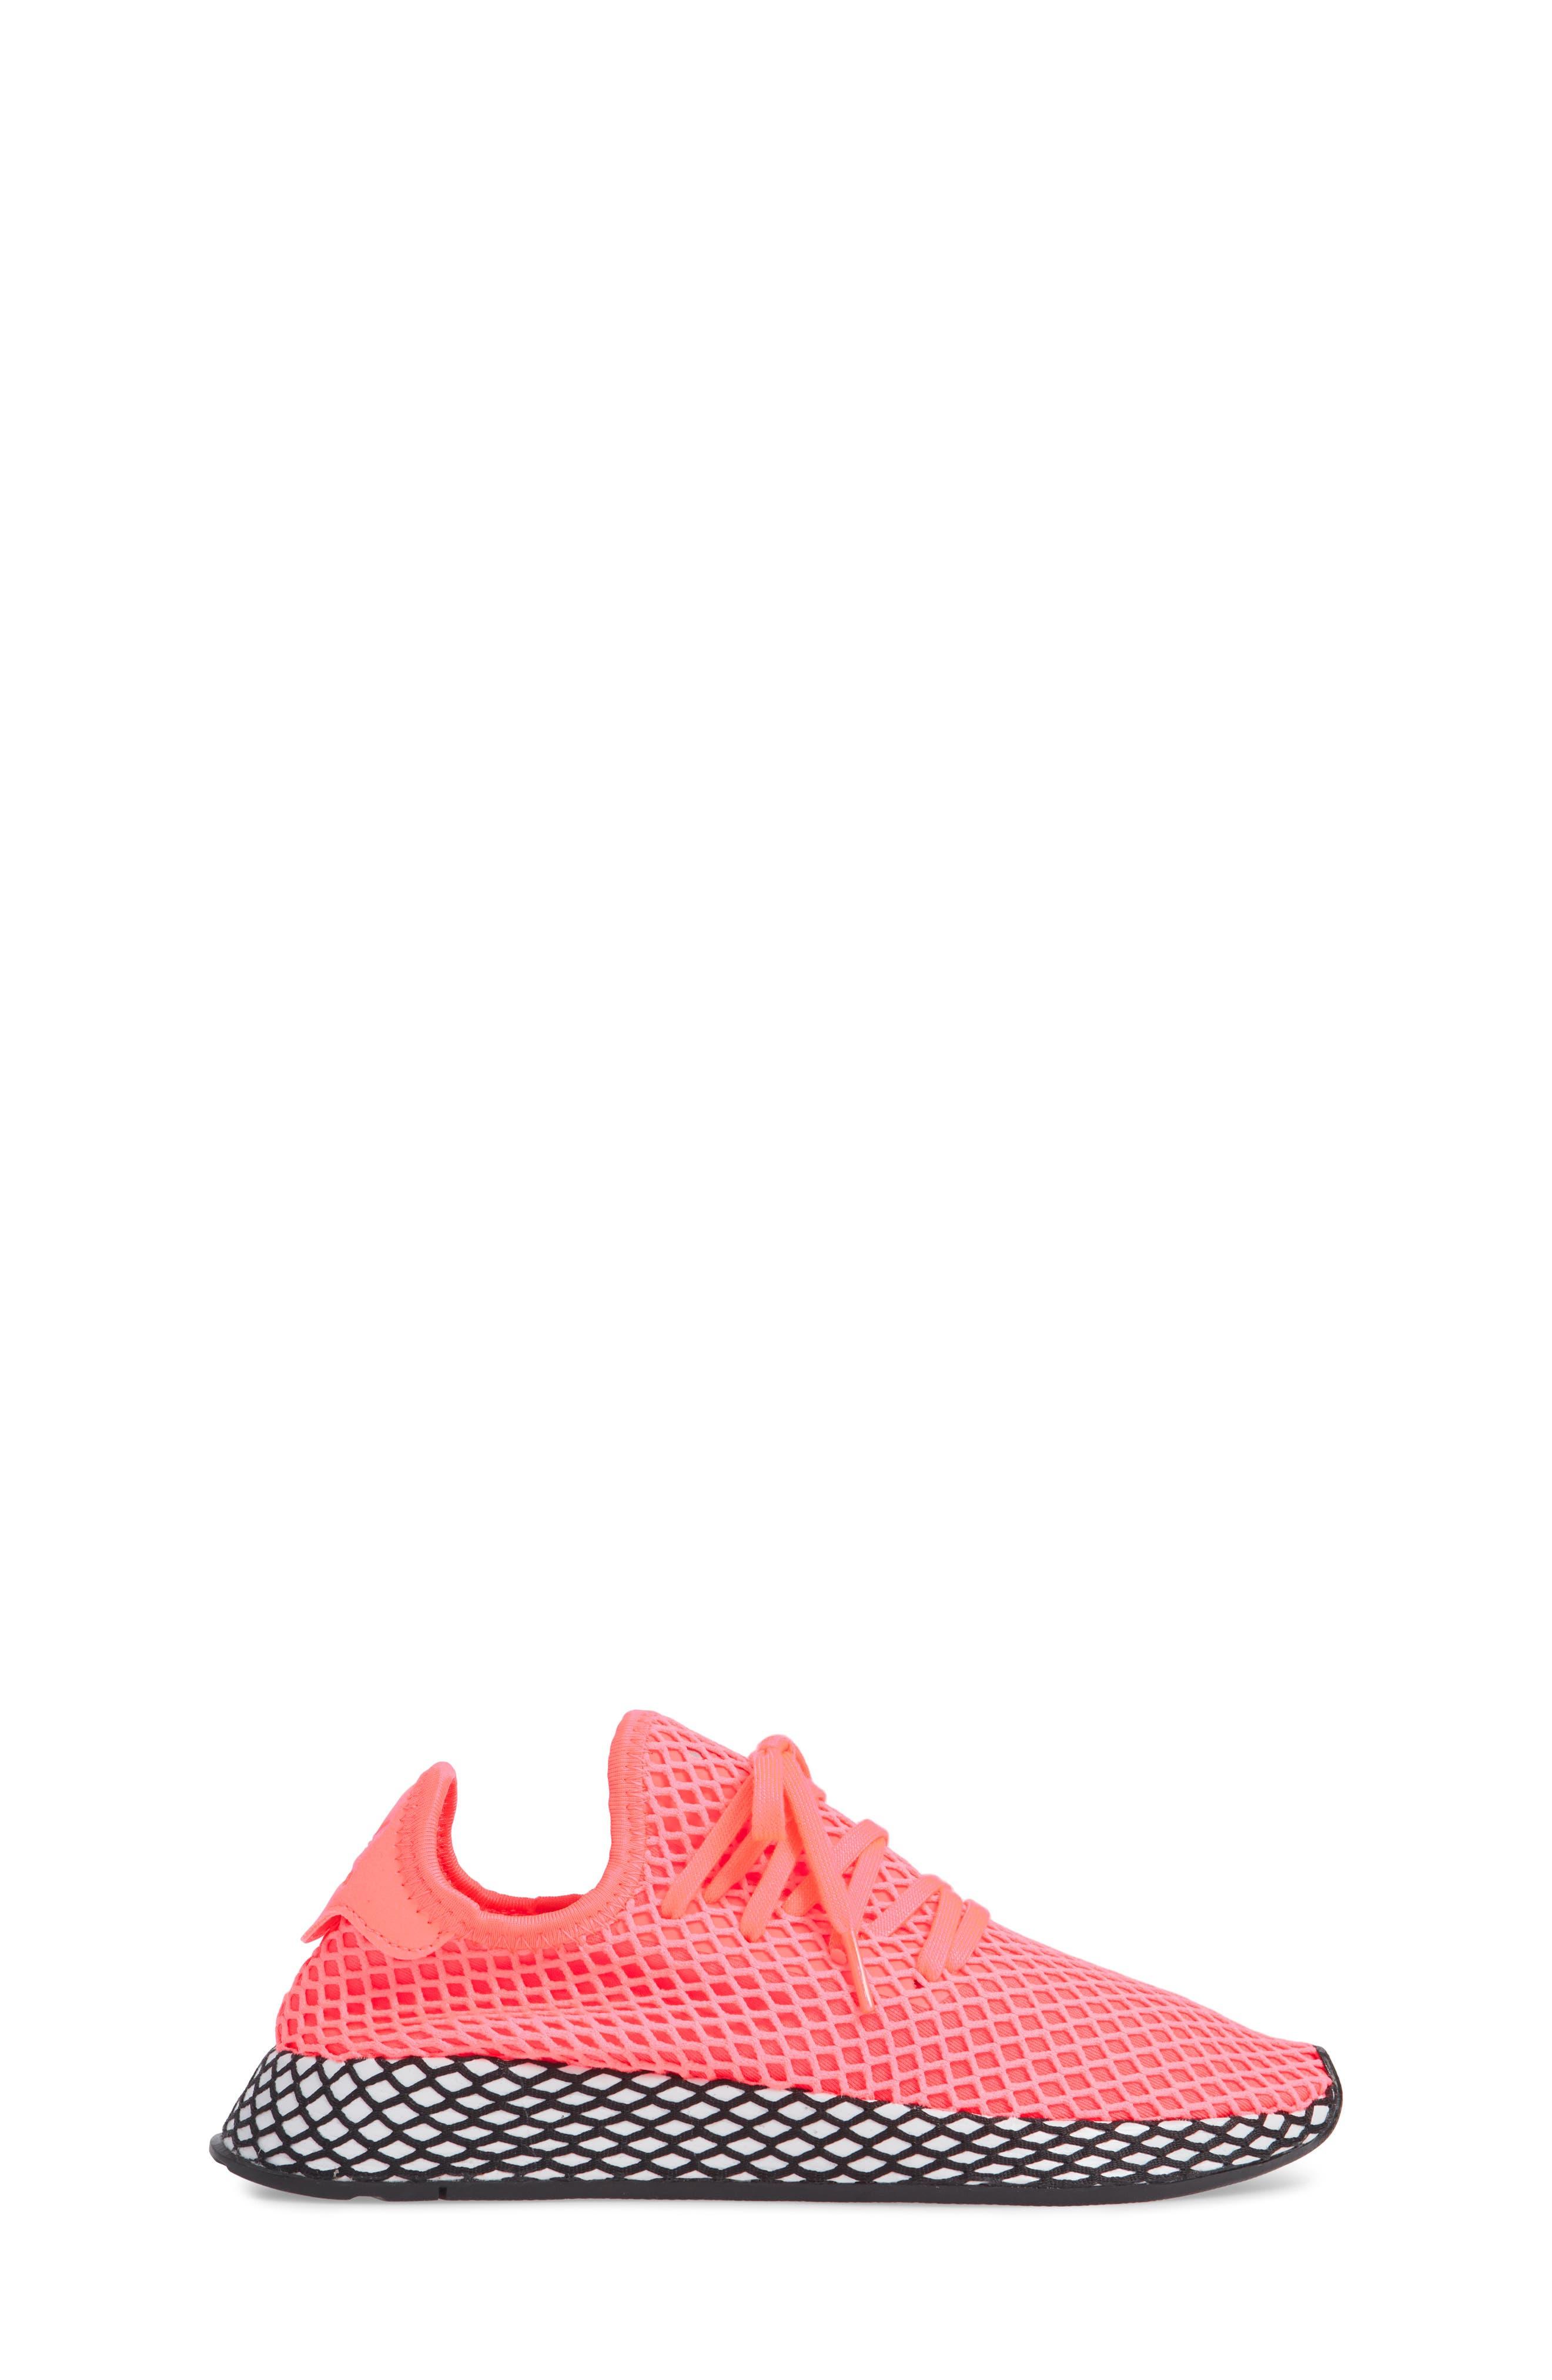 Deerupt Runner Sneaker,                             Alternate thumbnail 3, color,                             TURBO/ TURBO/ BLACK